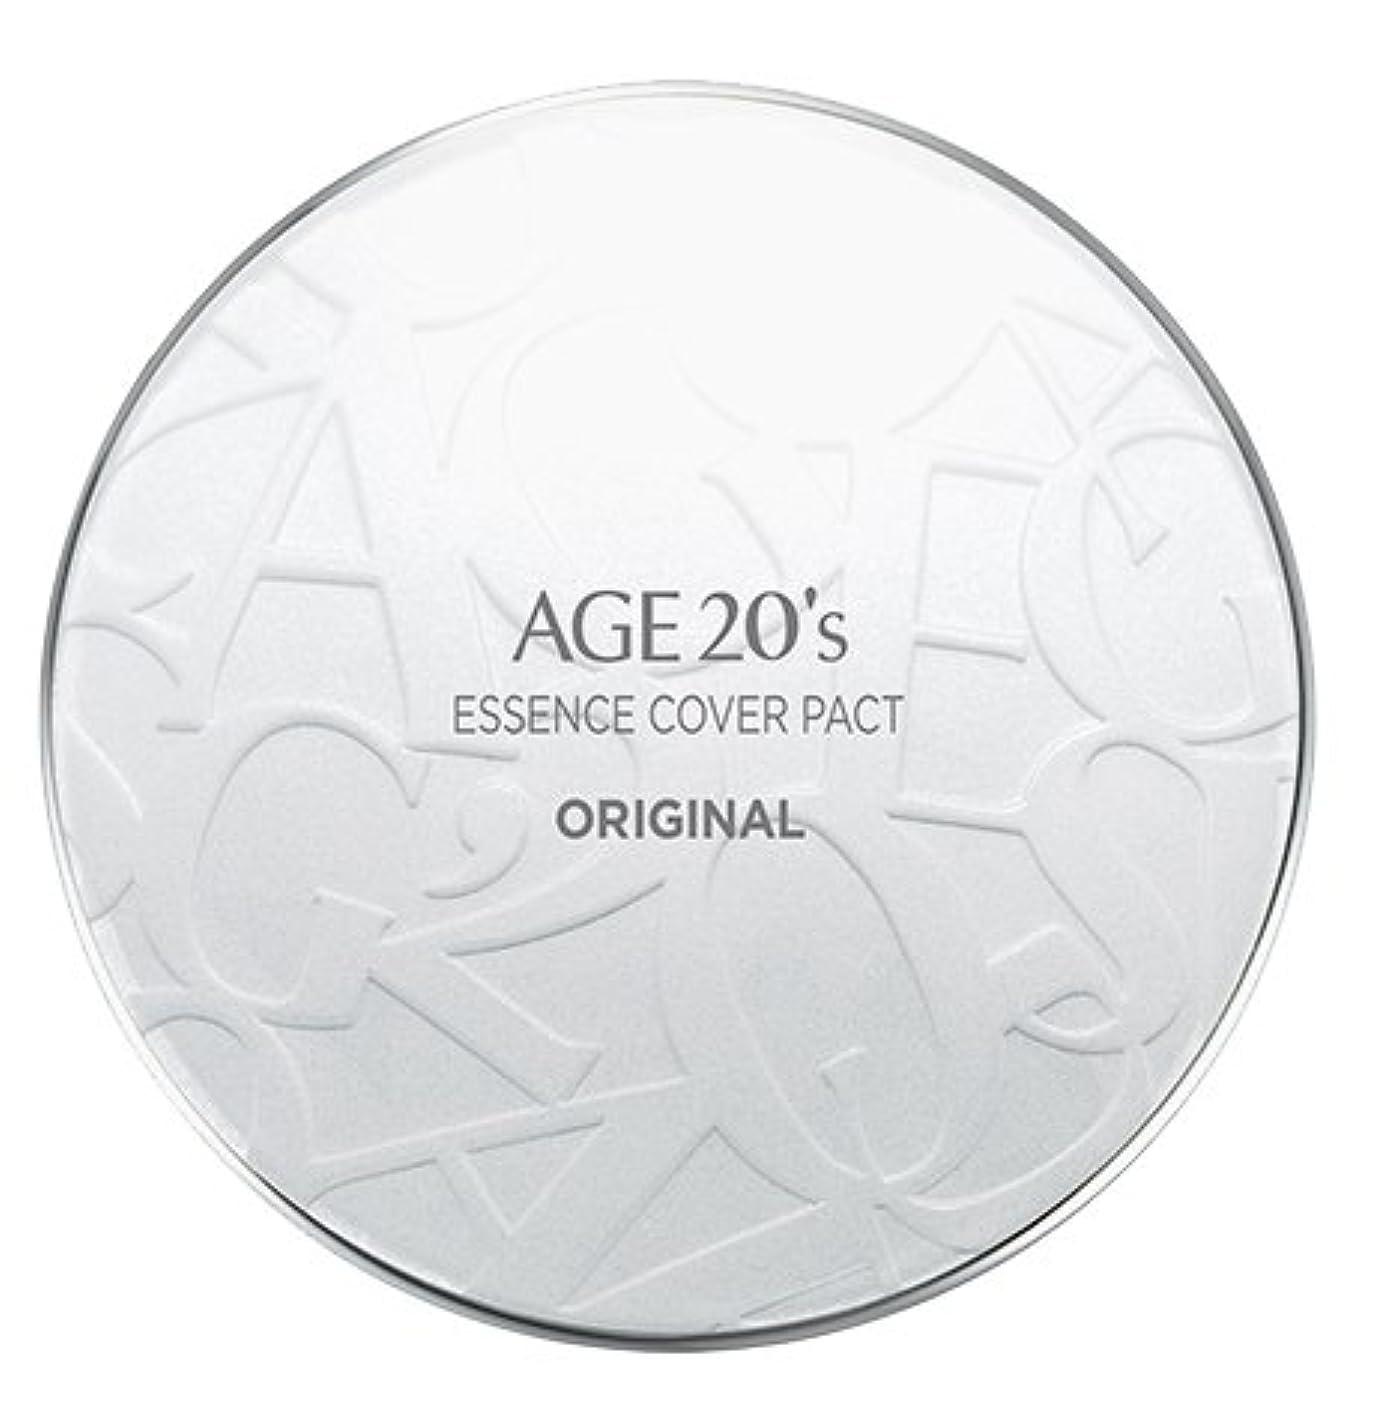 引く教育恋人AGE 20's Essence Cover Pact Original [White Latte] 12.5g + Refill 12.5g (#21)/エイジ 20's エッセンス カバー パクト オリジナル [ホワイトラテ...